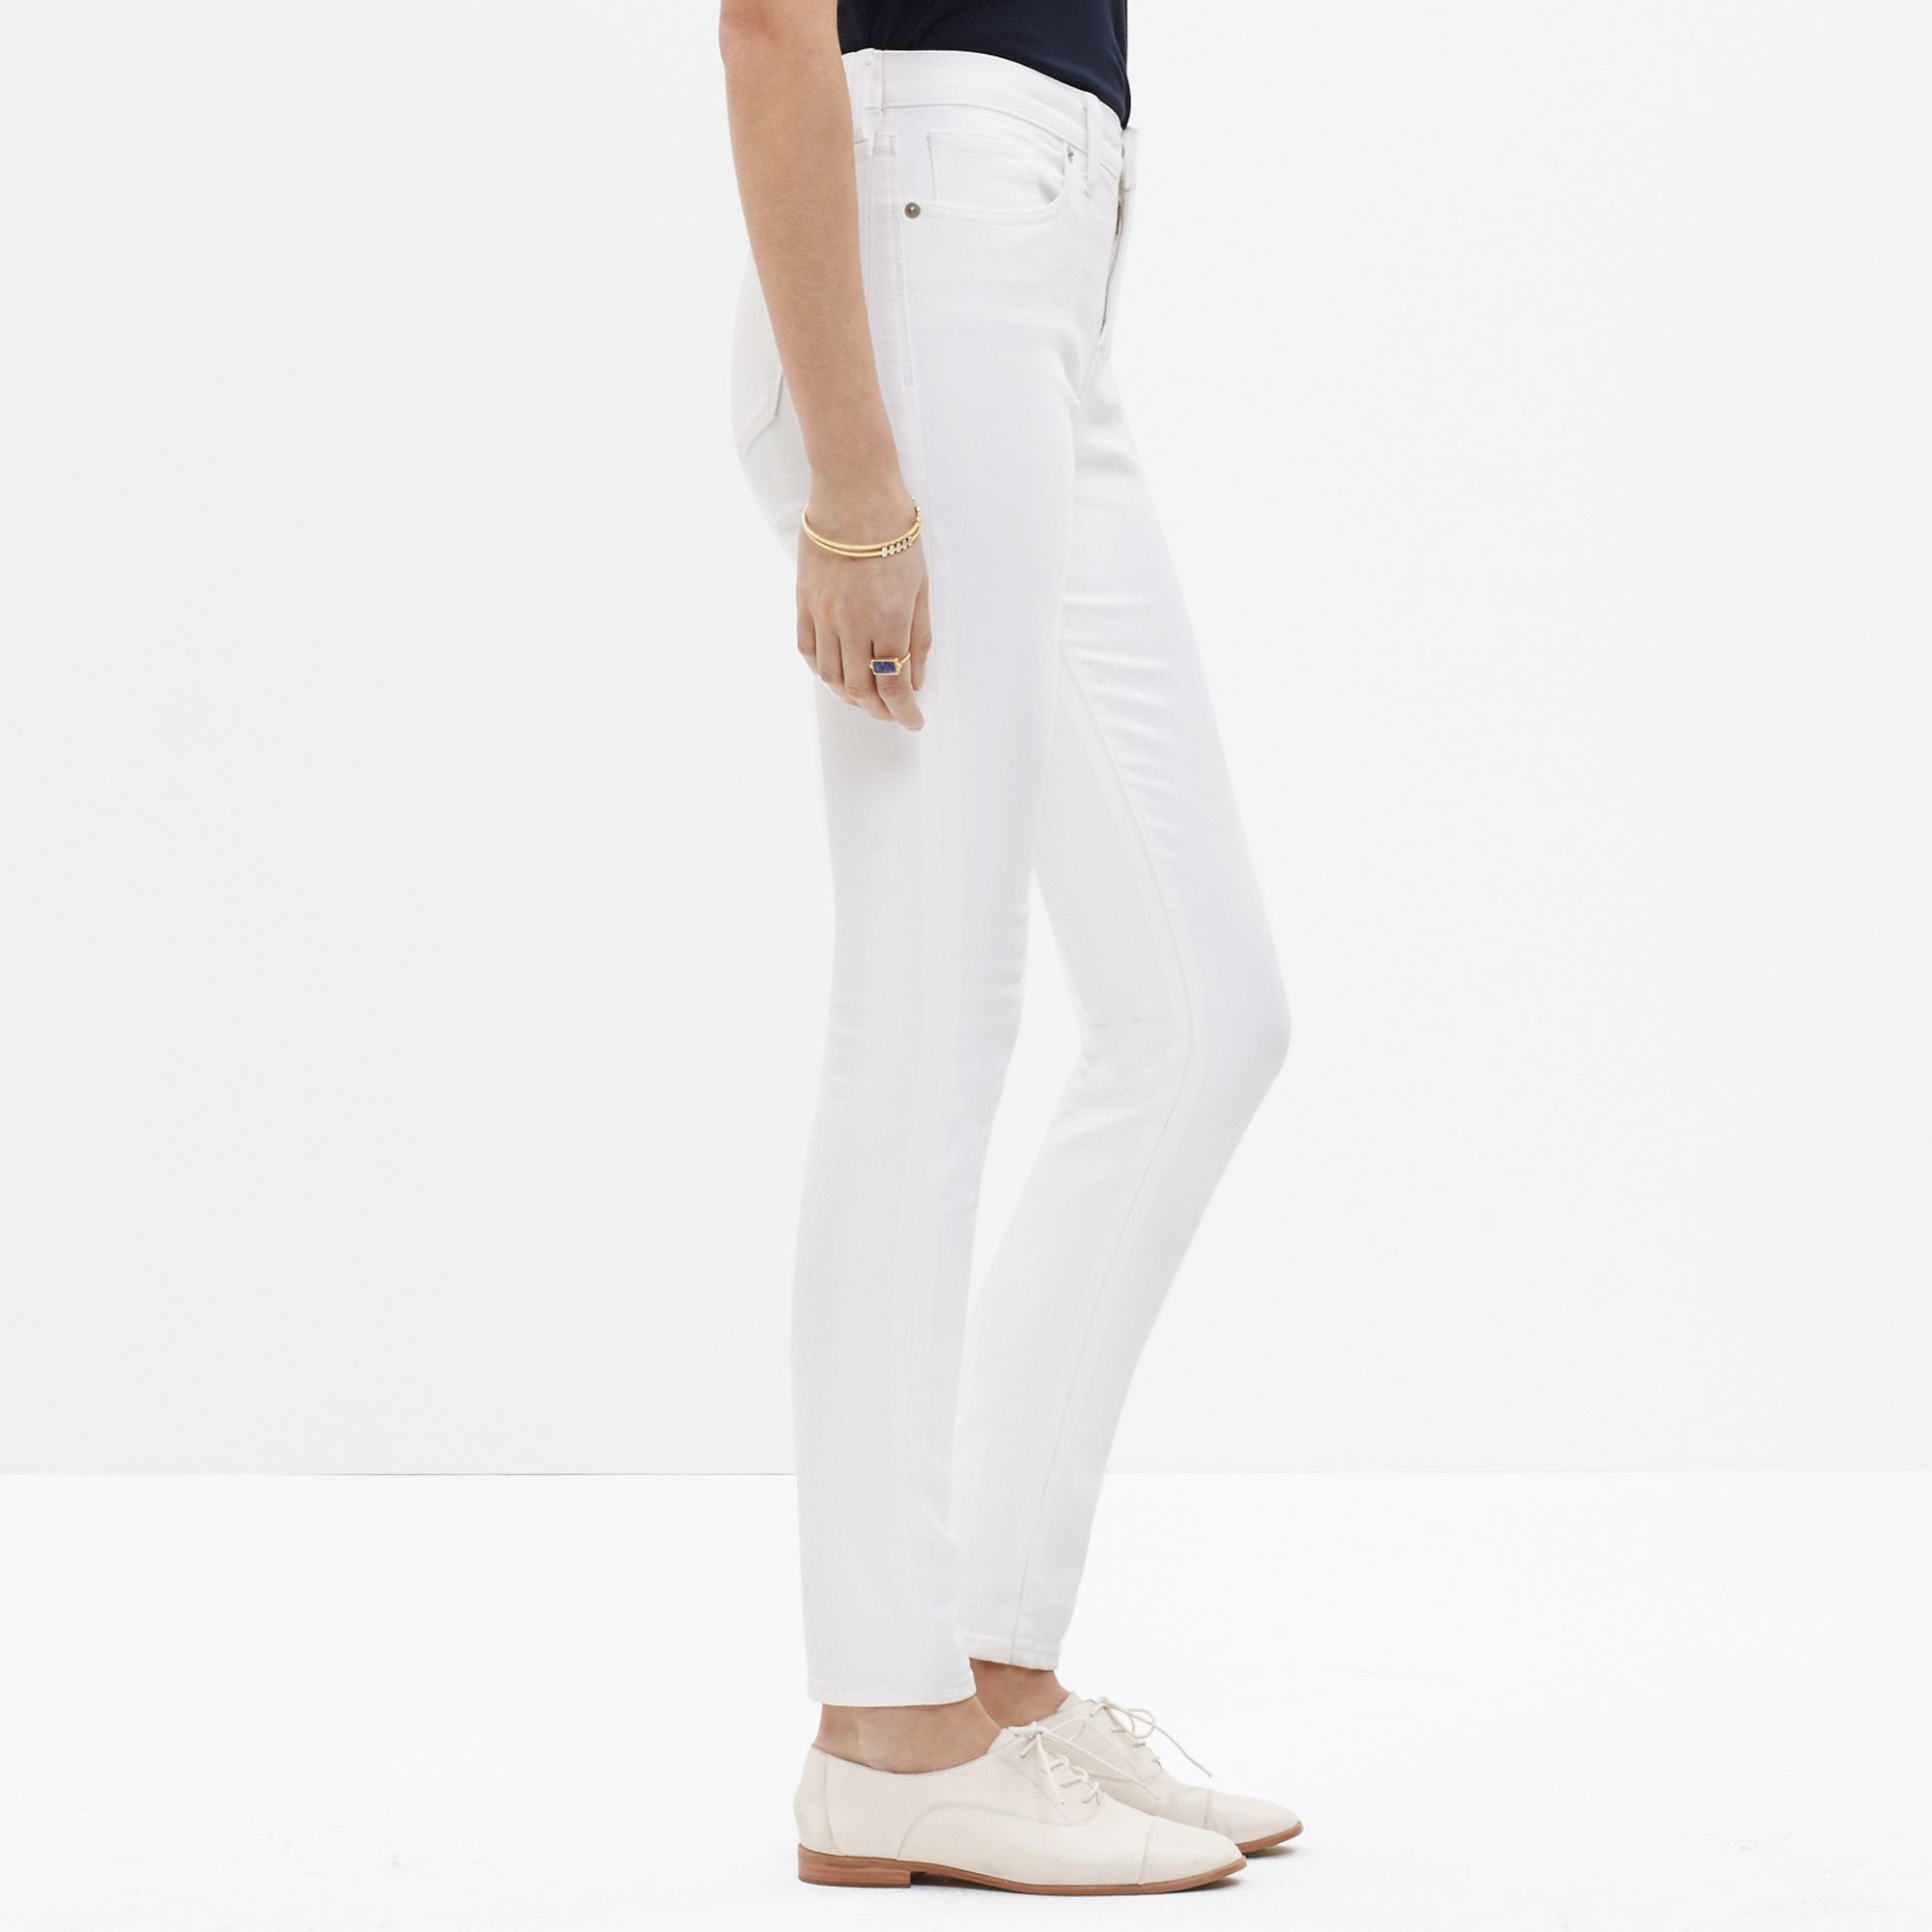 Tall White Skinny Jeans Ye Jean